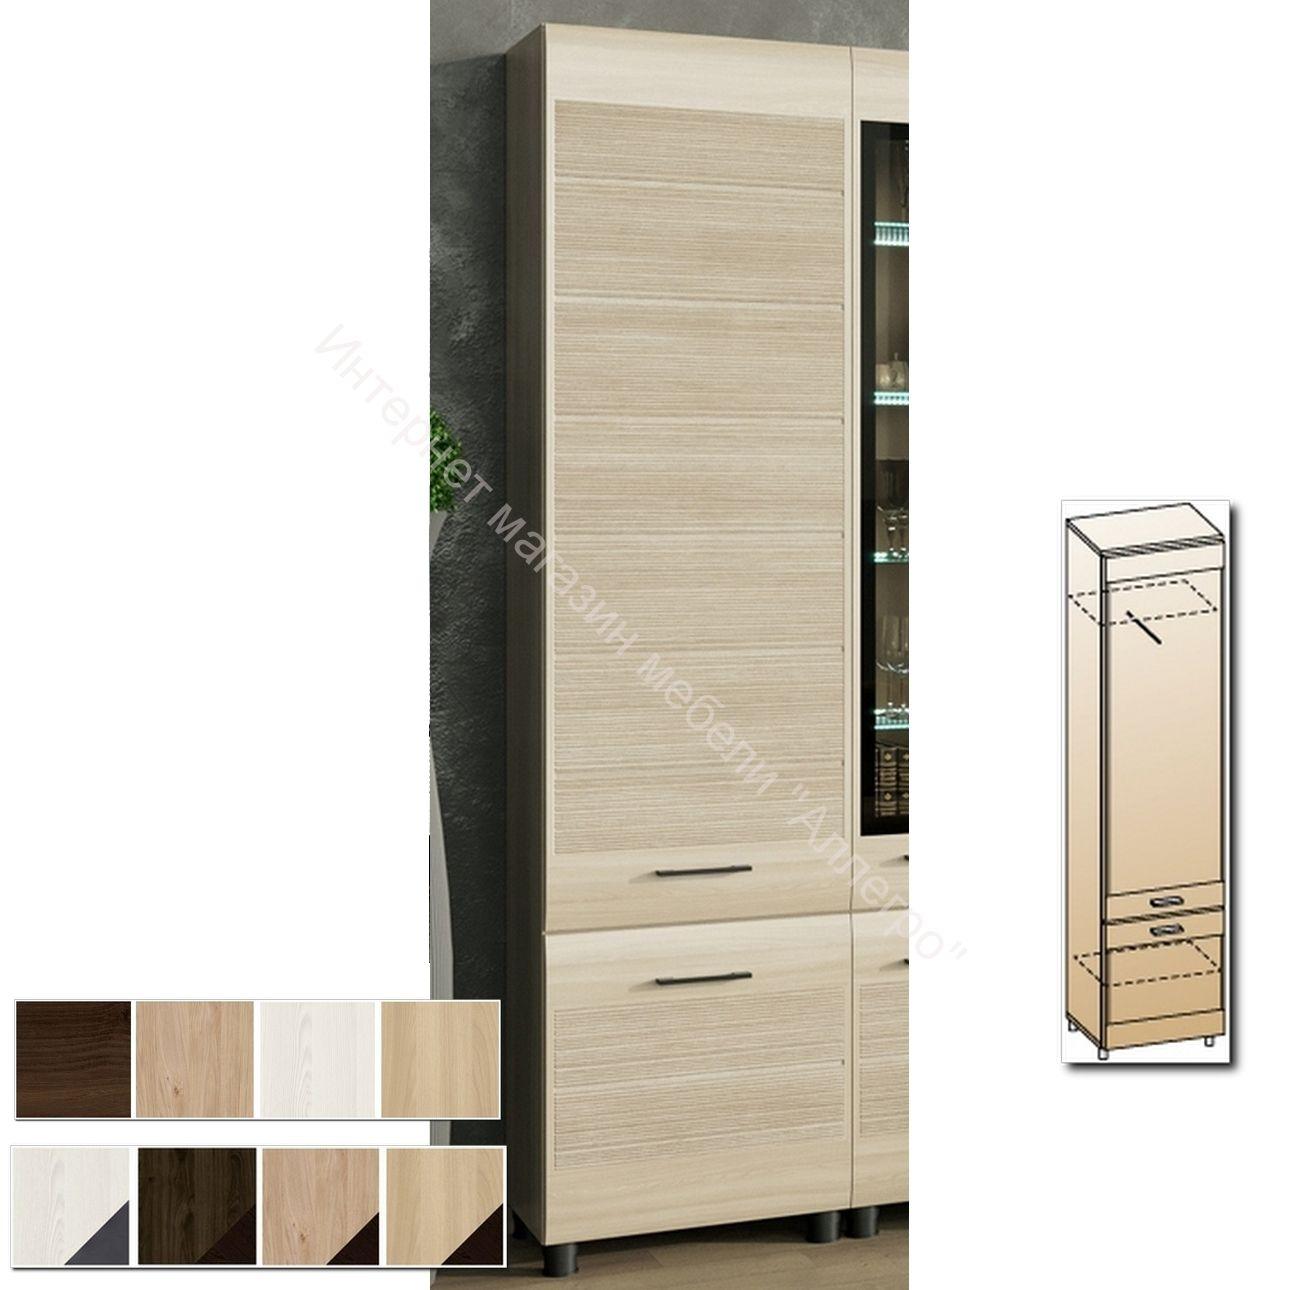 Шкаф для одежды и белья ШК-2641 Камелия